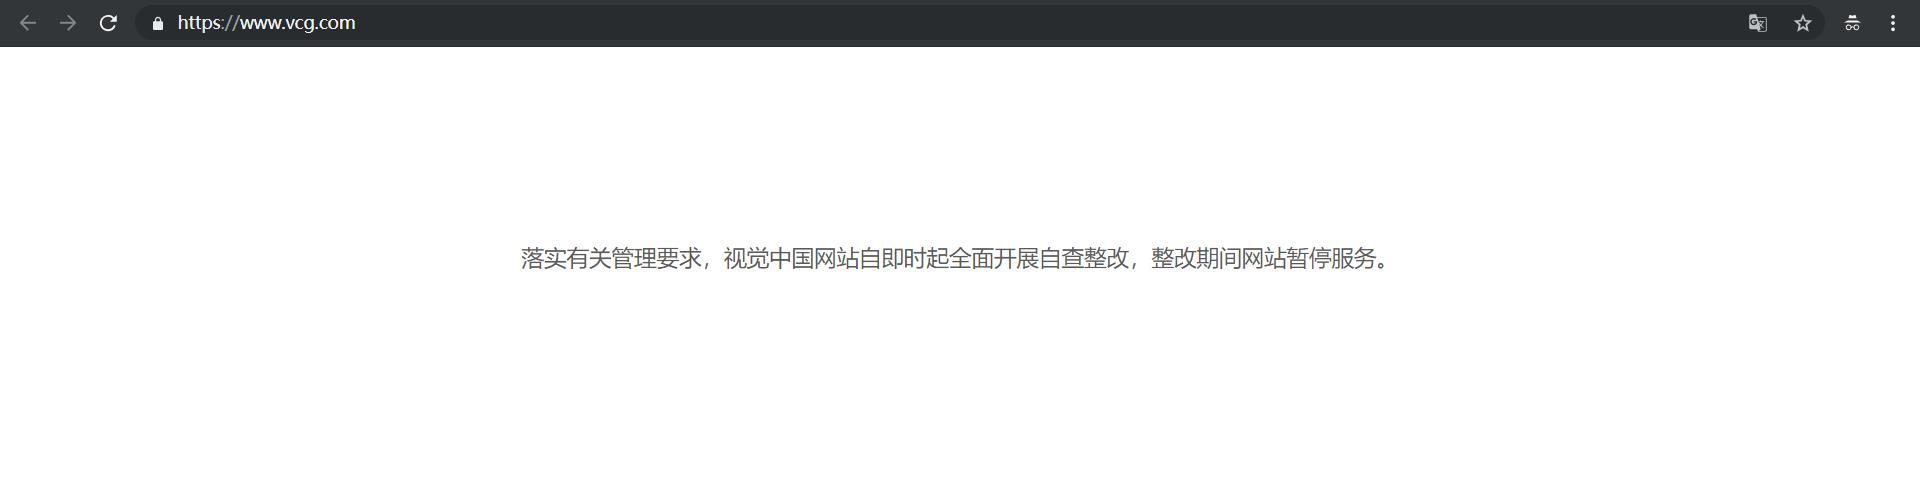 视觉中国再触雷 一年内被整改两次